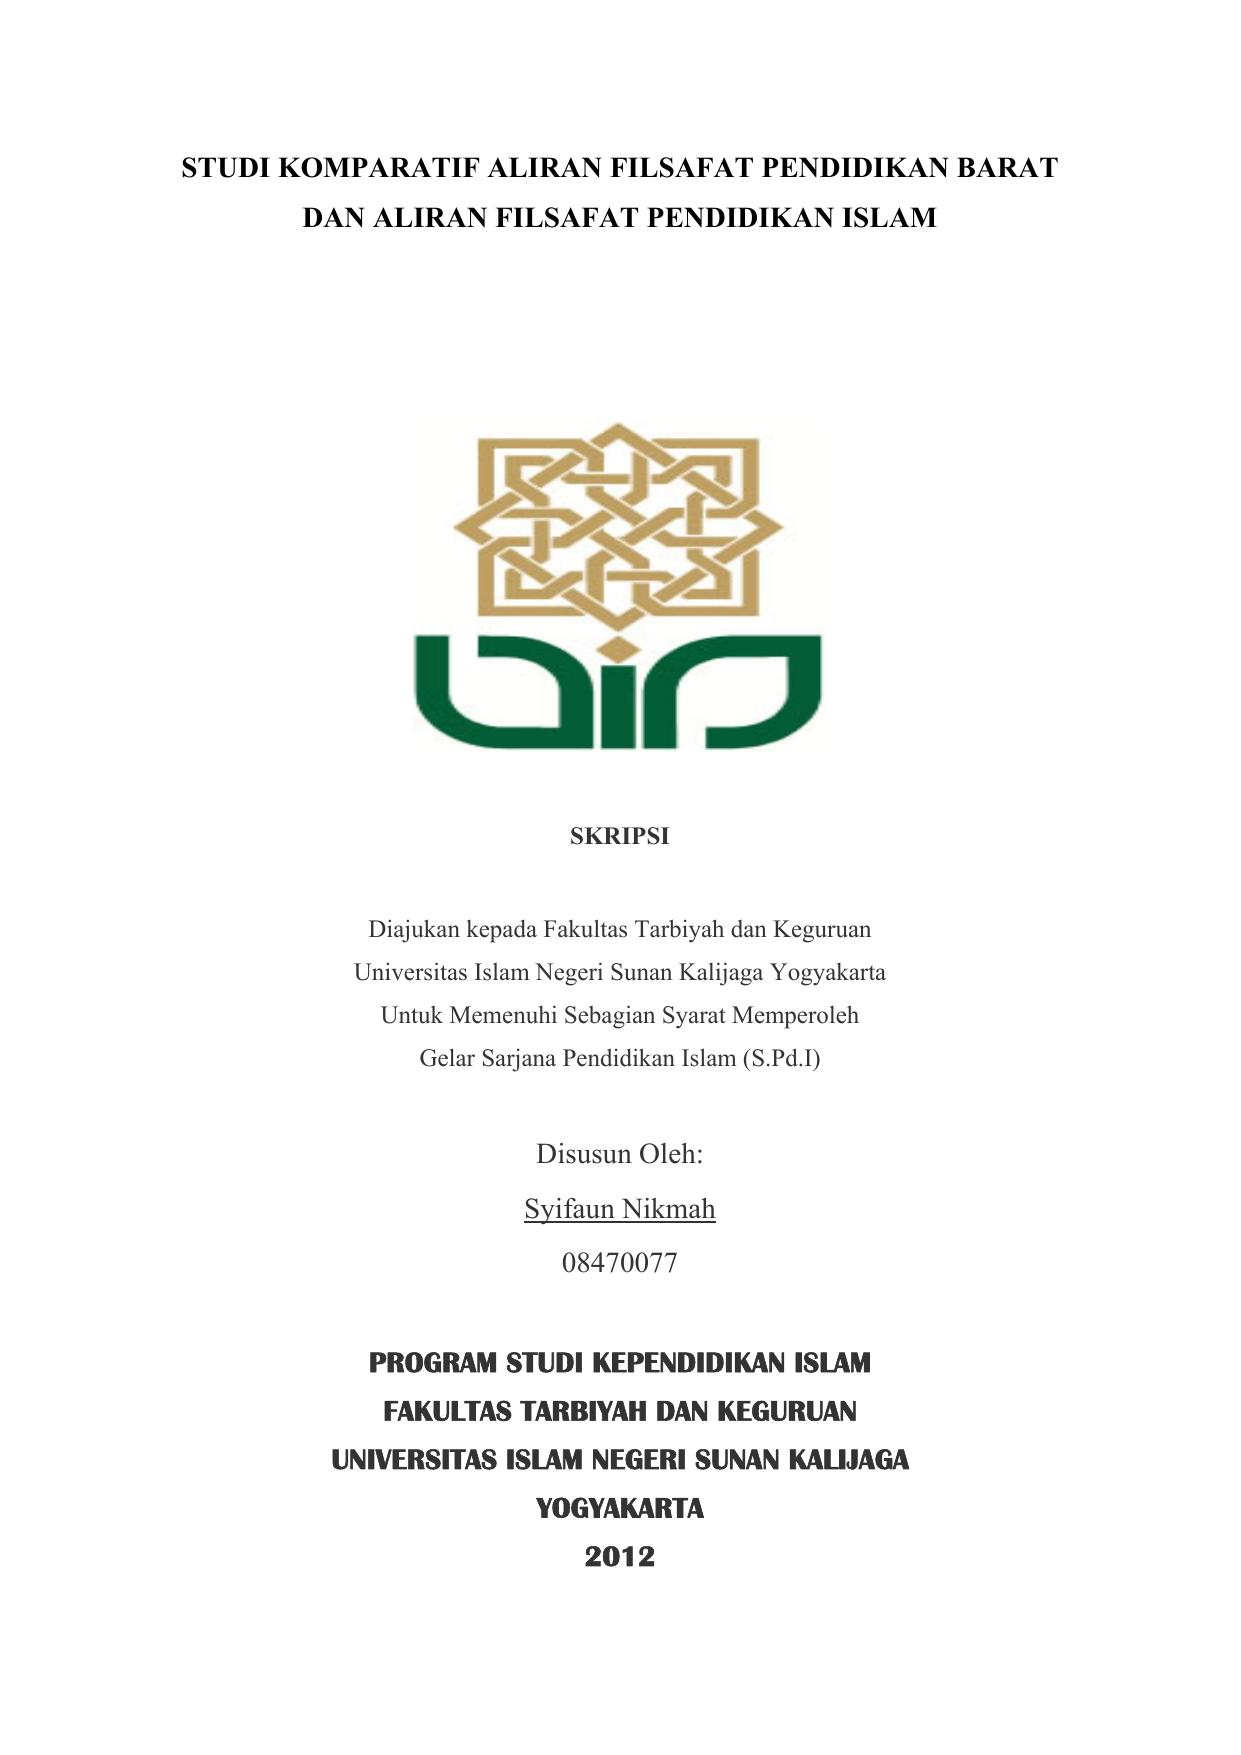 Studi Komparatif Aliran Filsafat Pendidikan Barat Dan